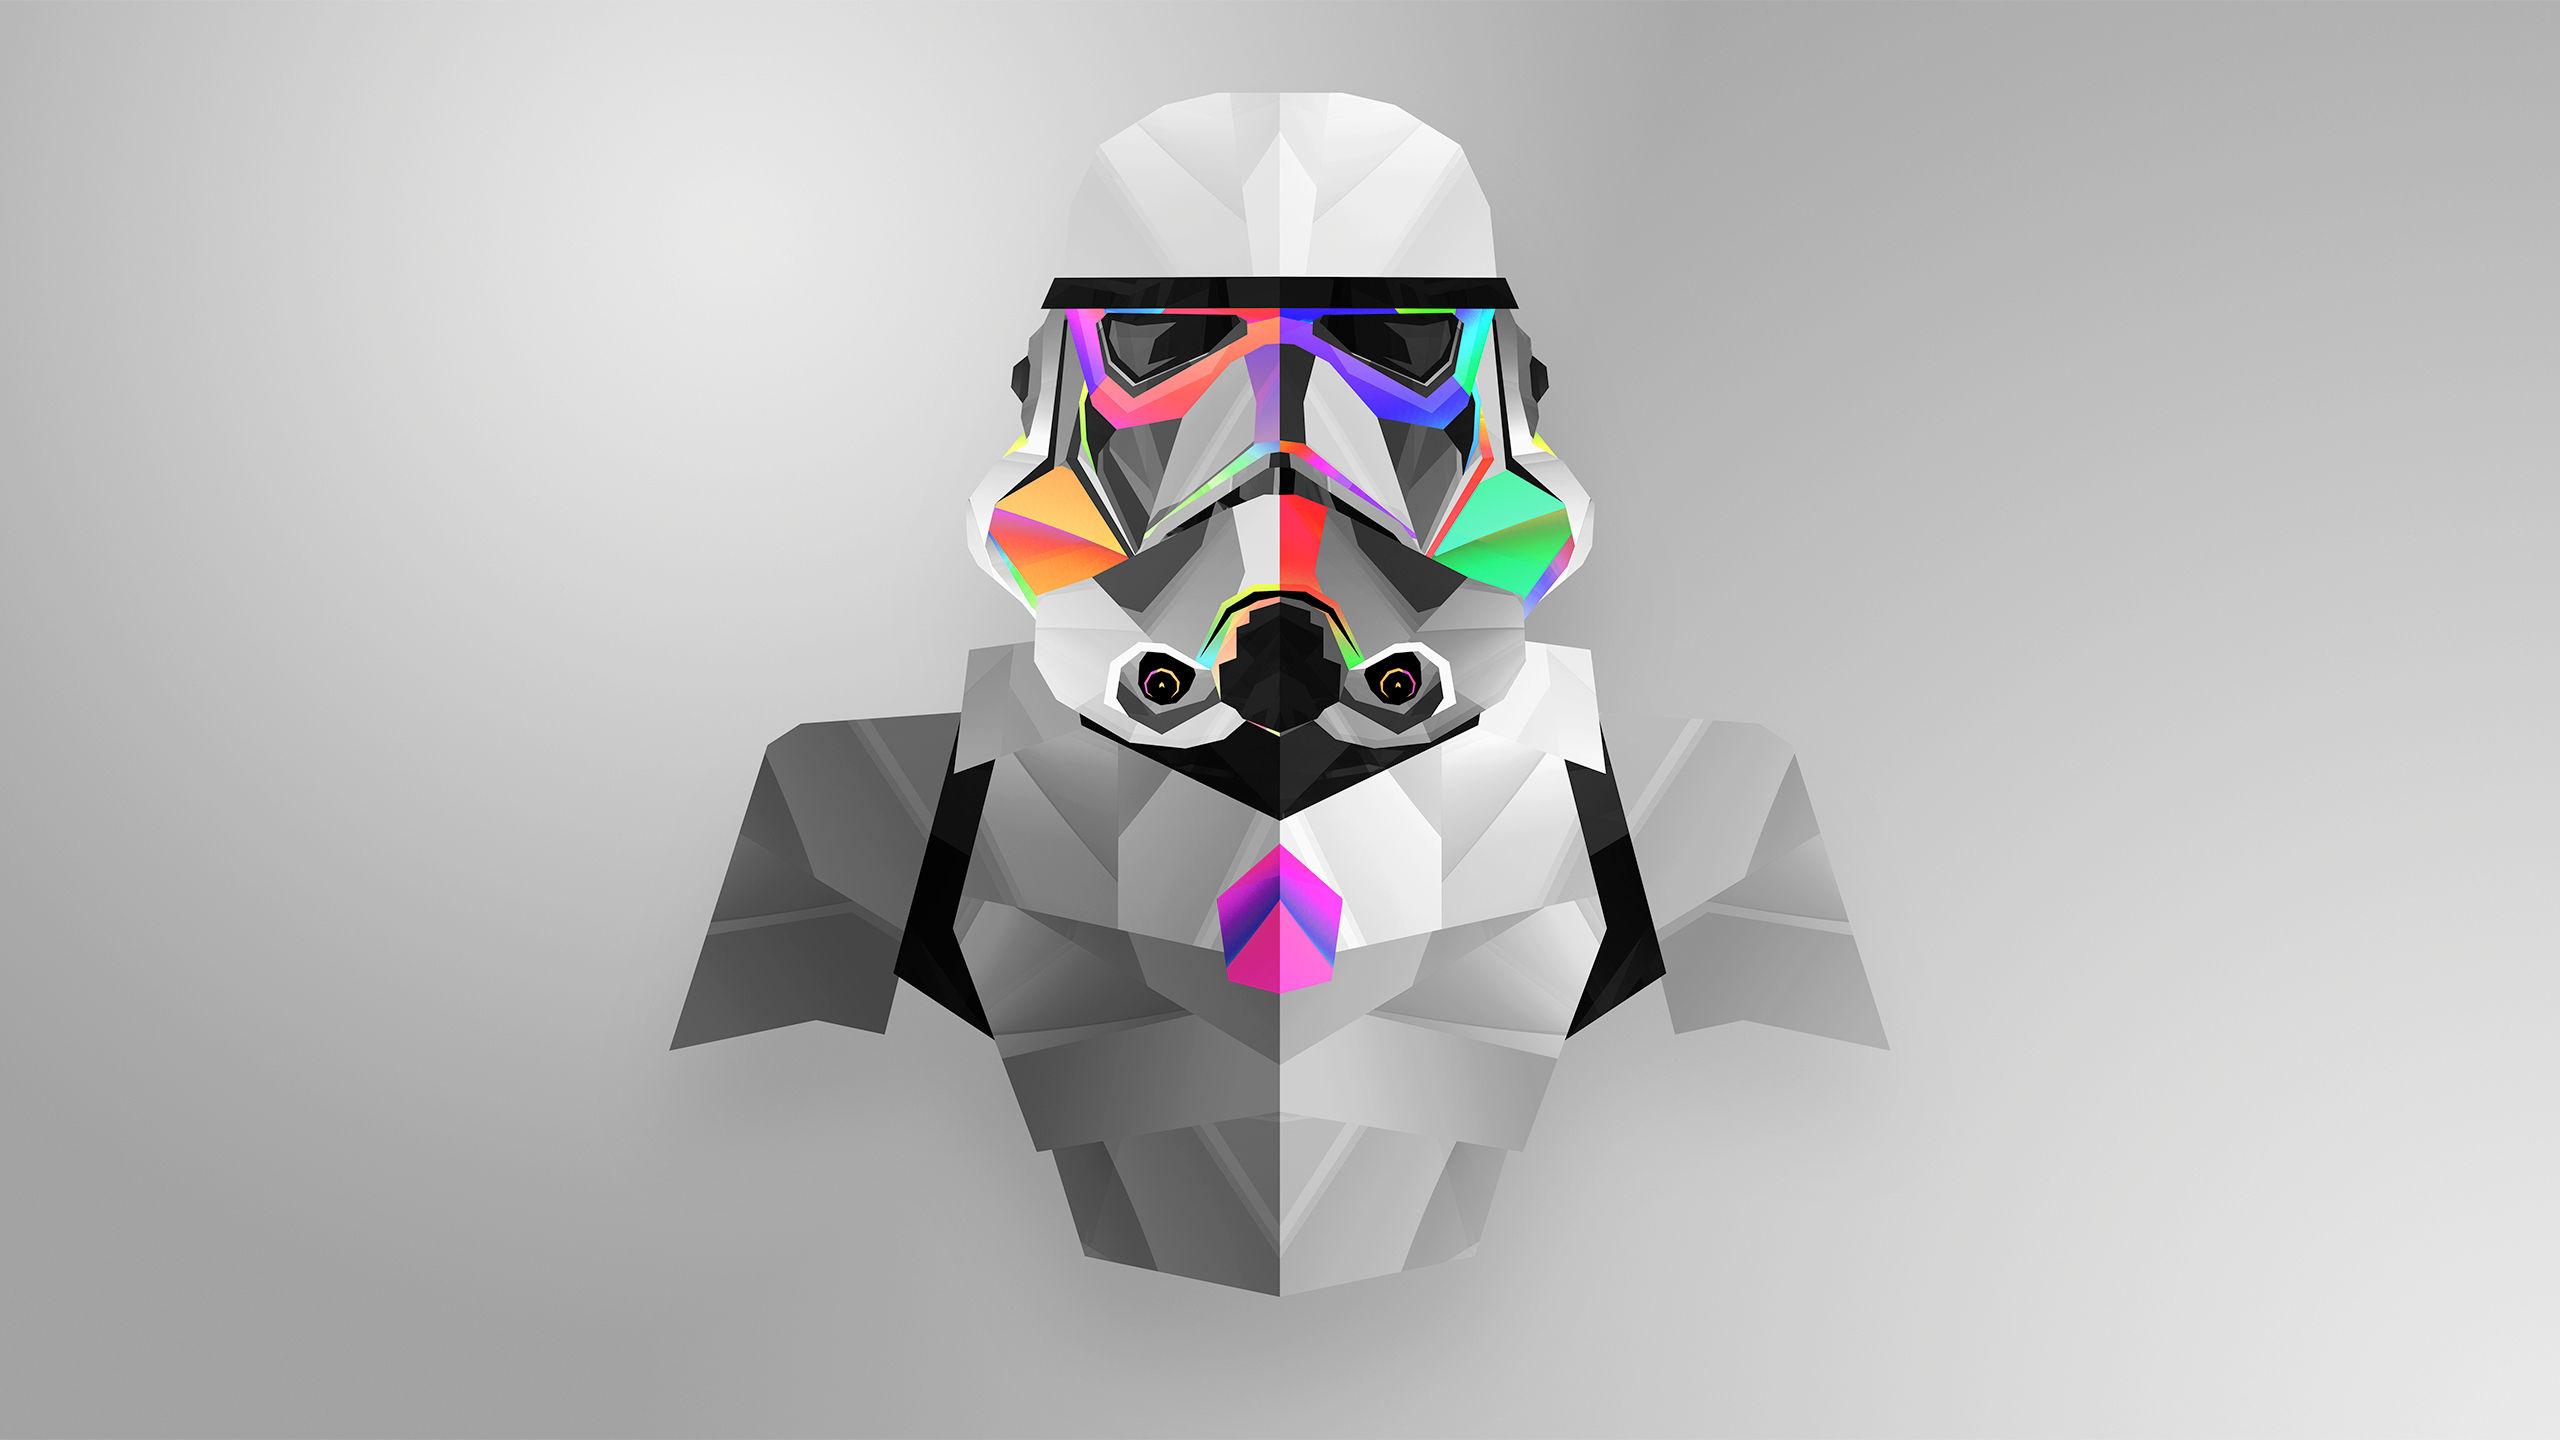 Origami Star Wars Clone Trooper Helmet